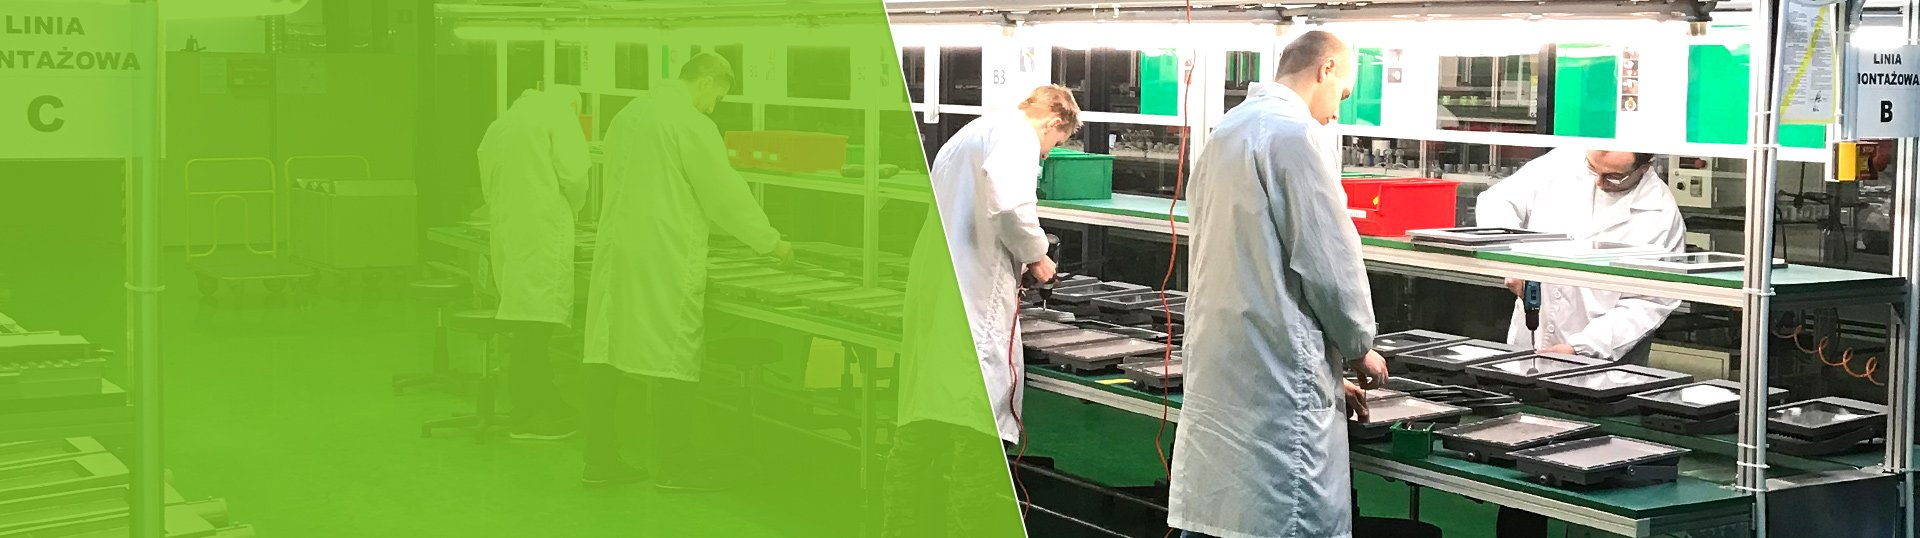 Fabryka oświetlenia LED – linia montażowa